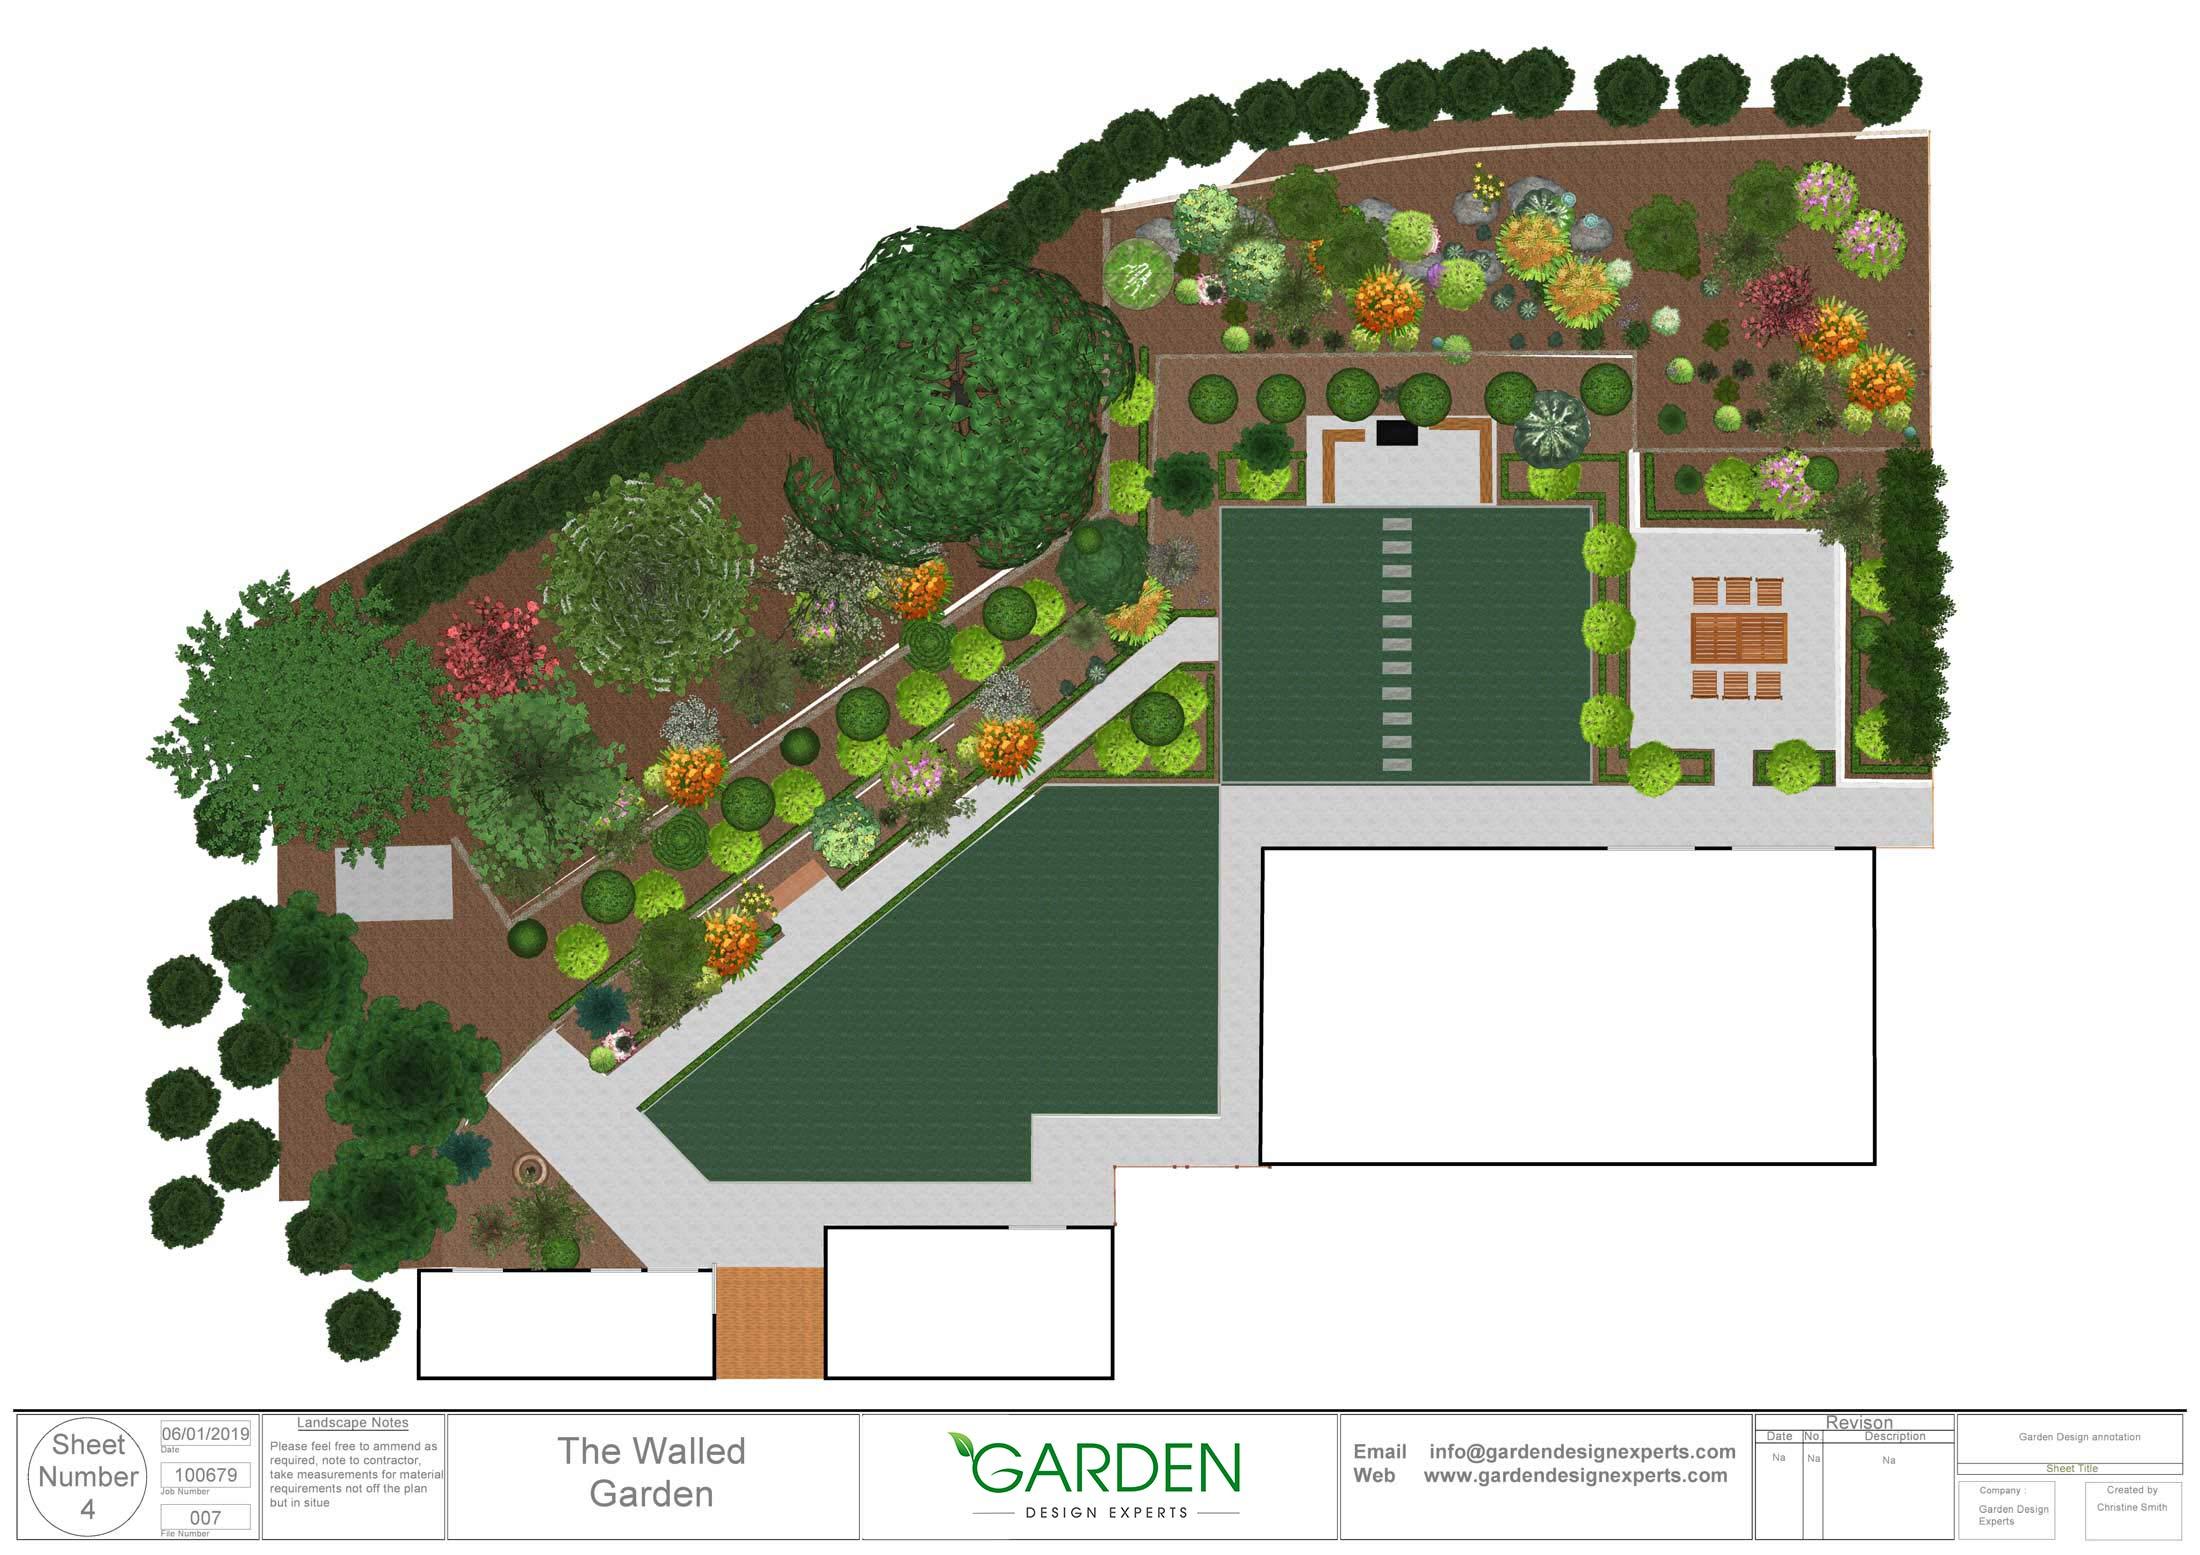 Garden Design Experts - Your dream garden designed by an expert